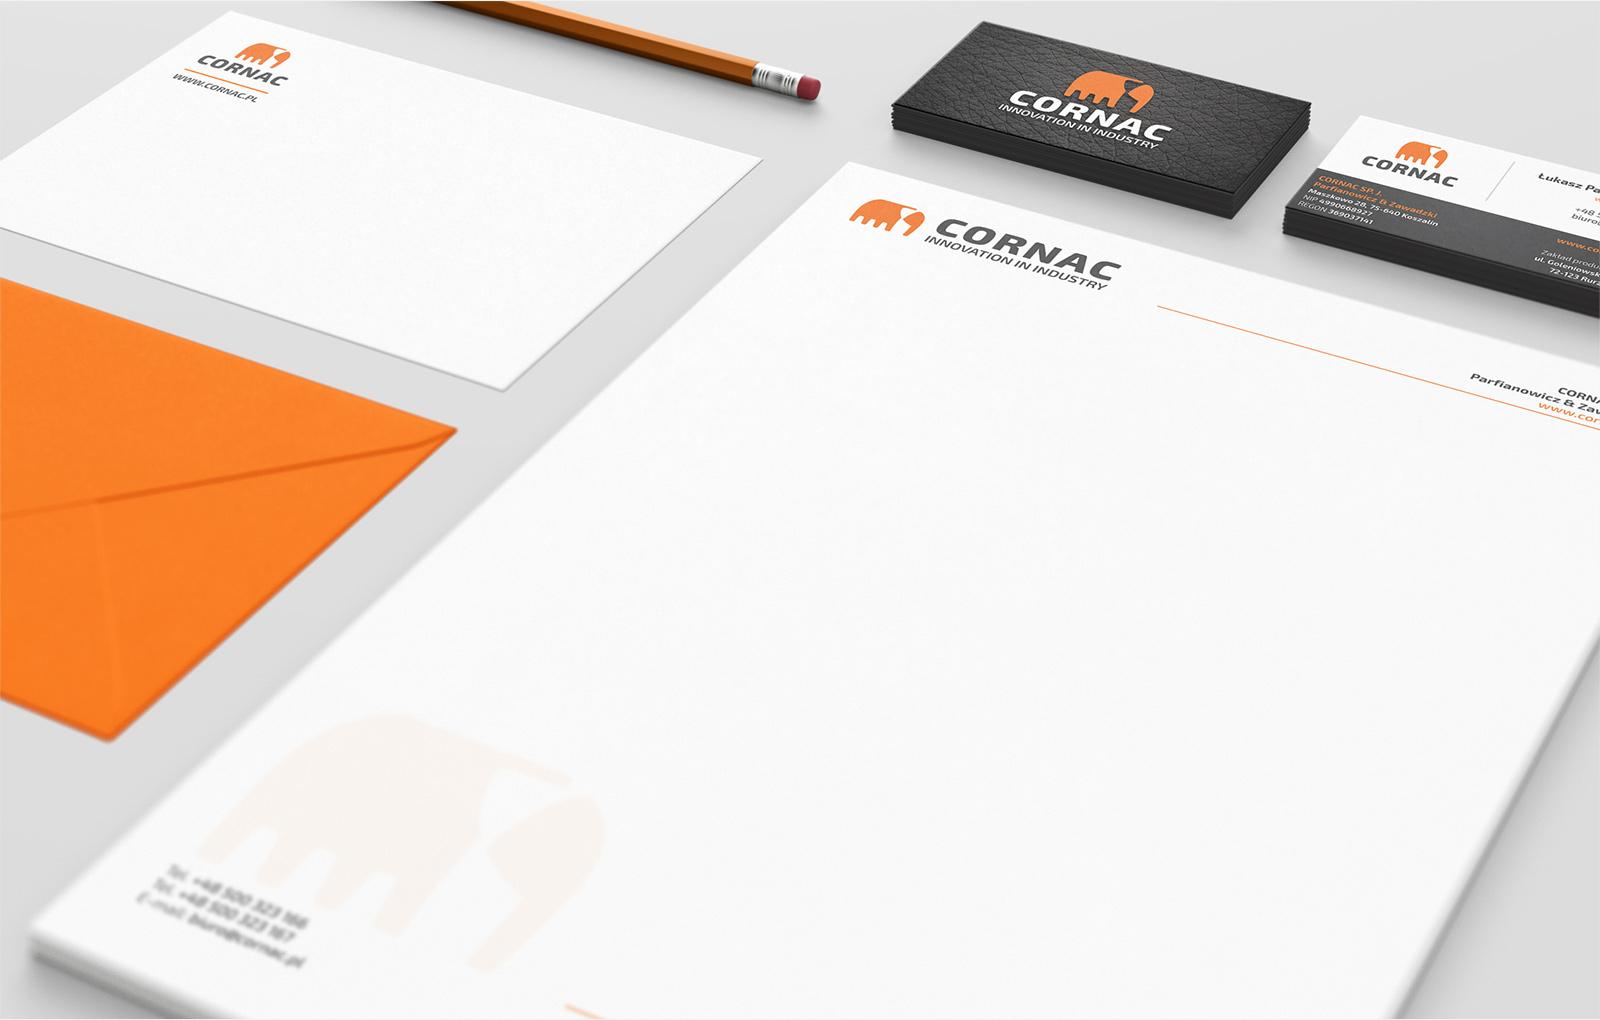 wizualnie-portfolio-cornac-identyfikacja-05